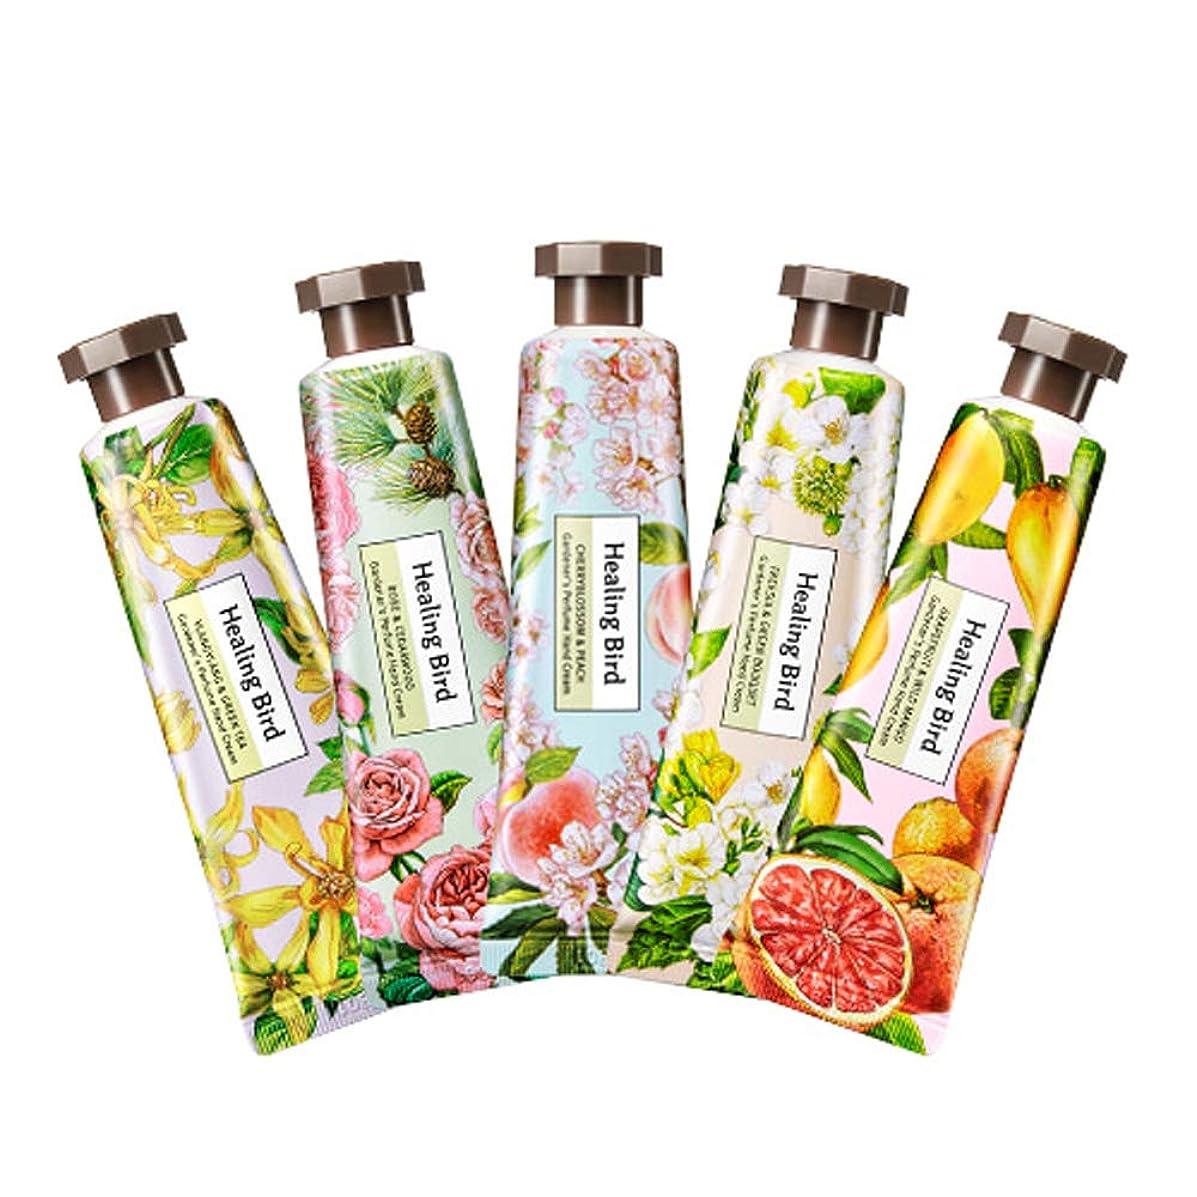 障害者アナウンサーロック解除Healing Bird Gardener's Perfume Hand Cream 30ml ヒーリングバード カドゥノスパヒュームハンドクリーム (Grapefruit & Wild Mango) [並行輸入品]